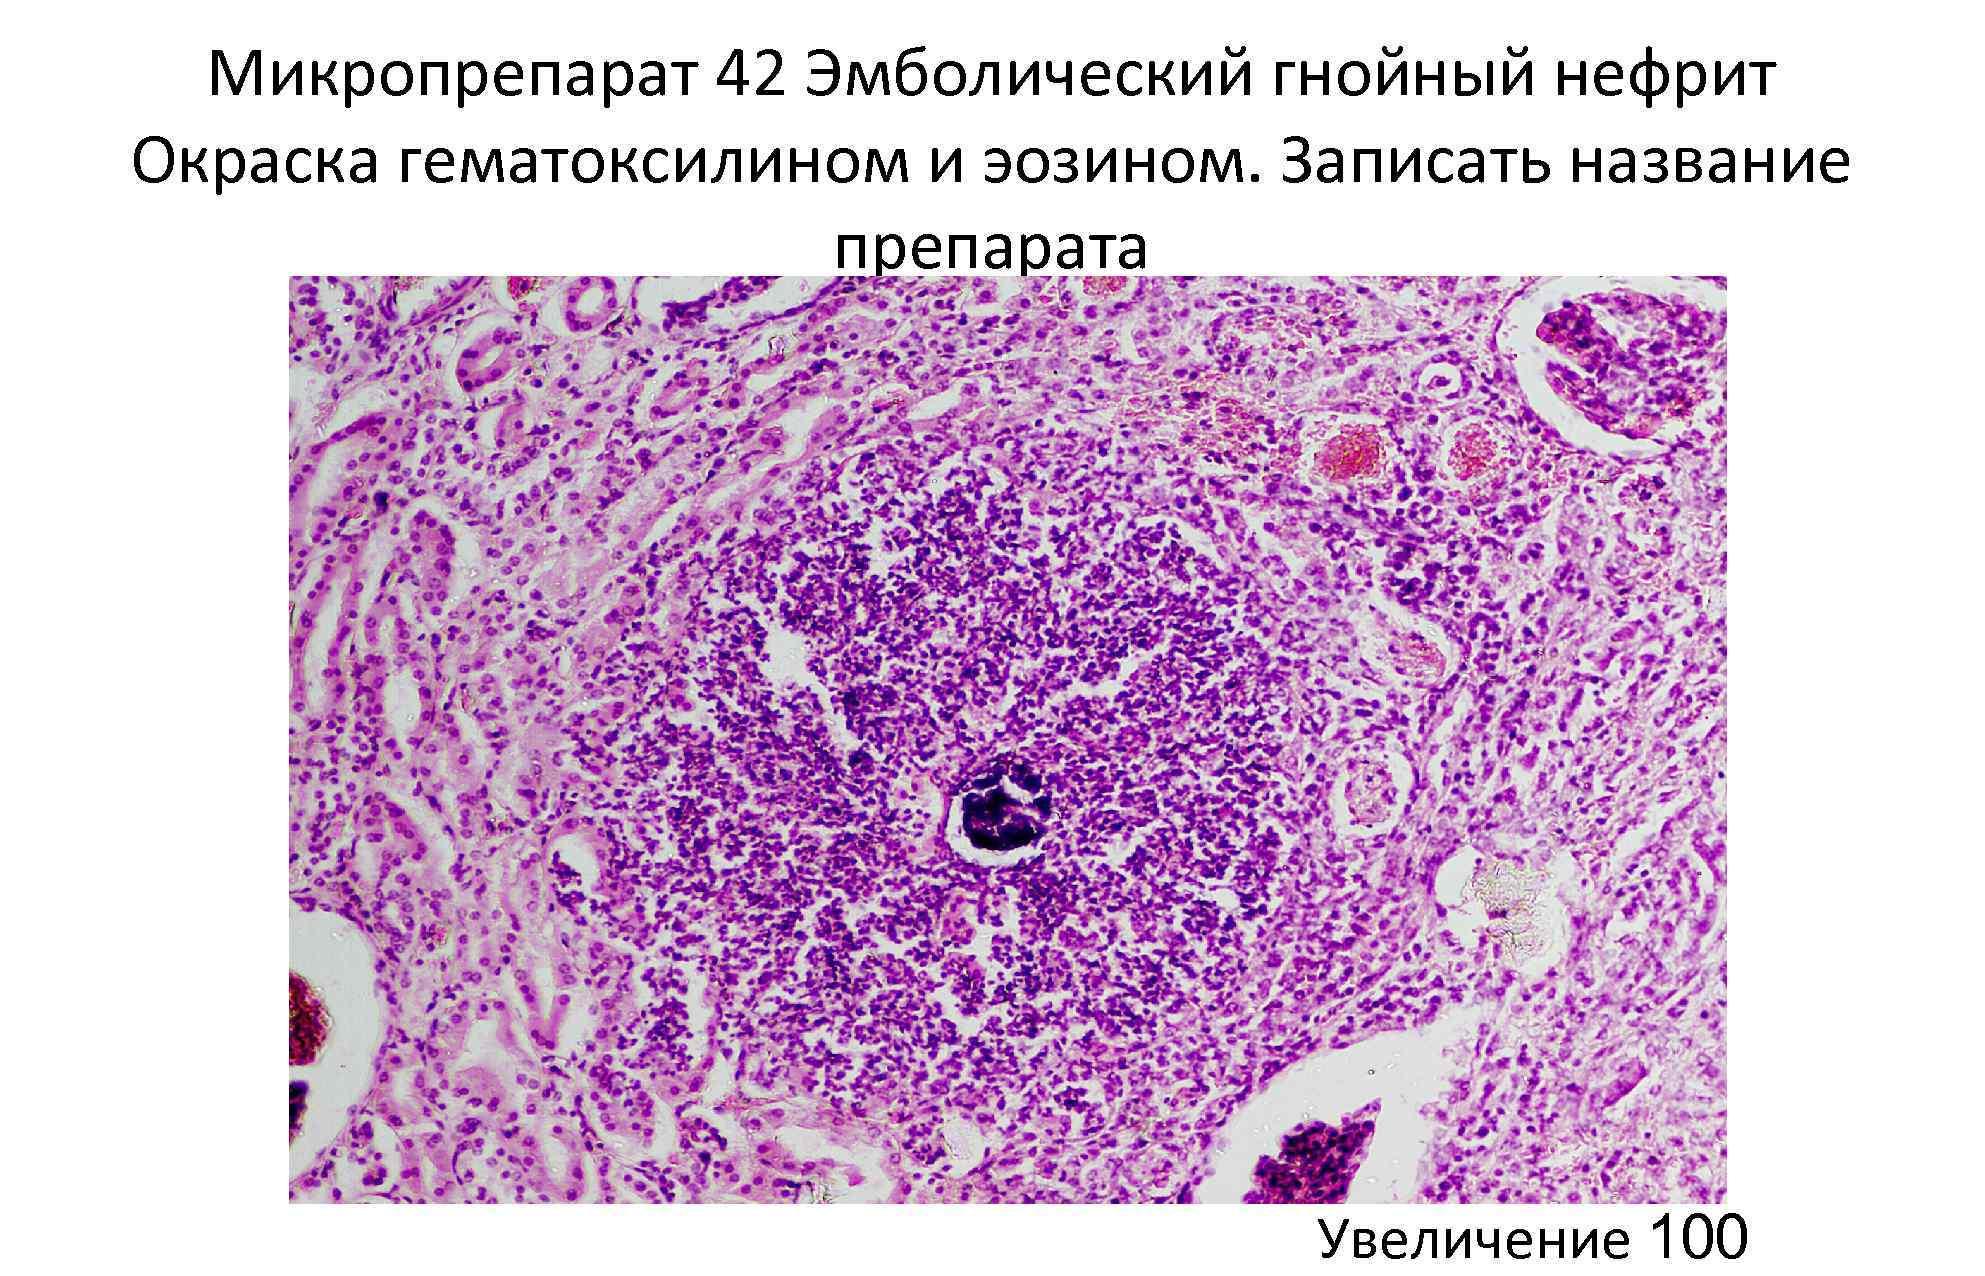 Микропрепарат 42 Эмболический гнойный нефрит Окраска гематоксилином и эозином. Записать название препарата Увеличение 100